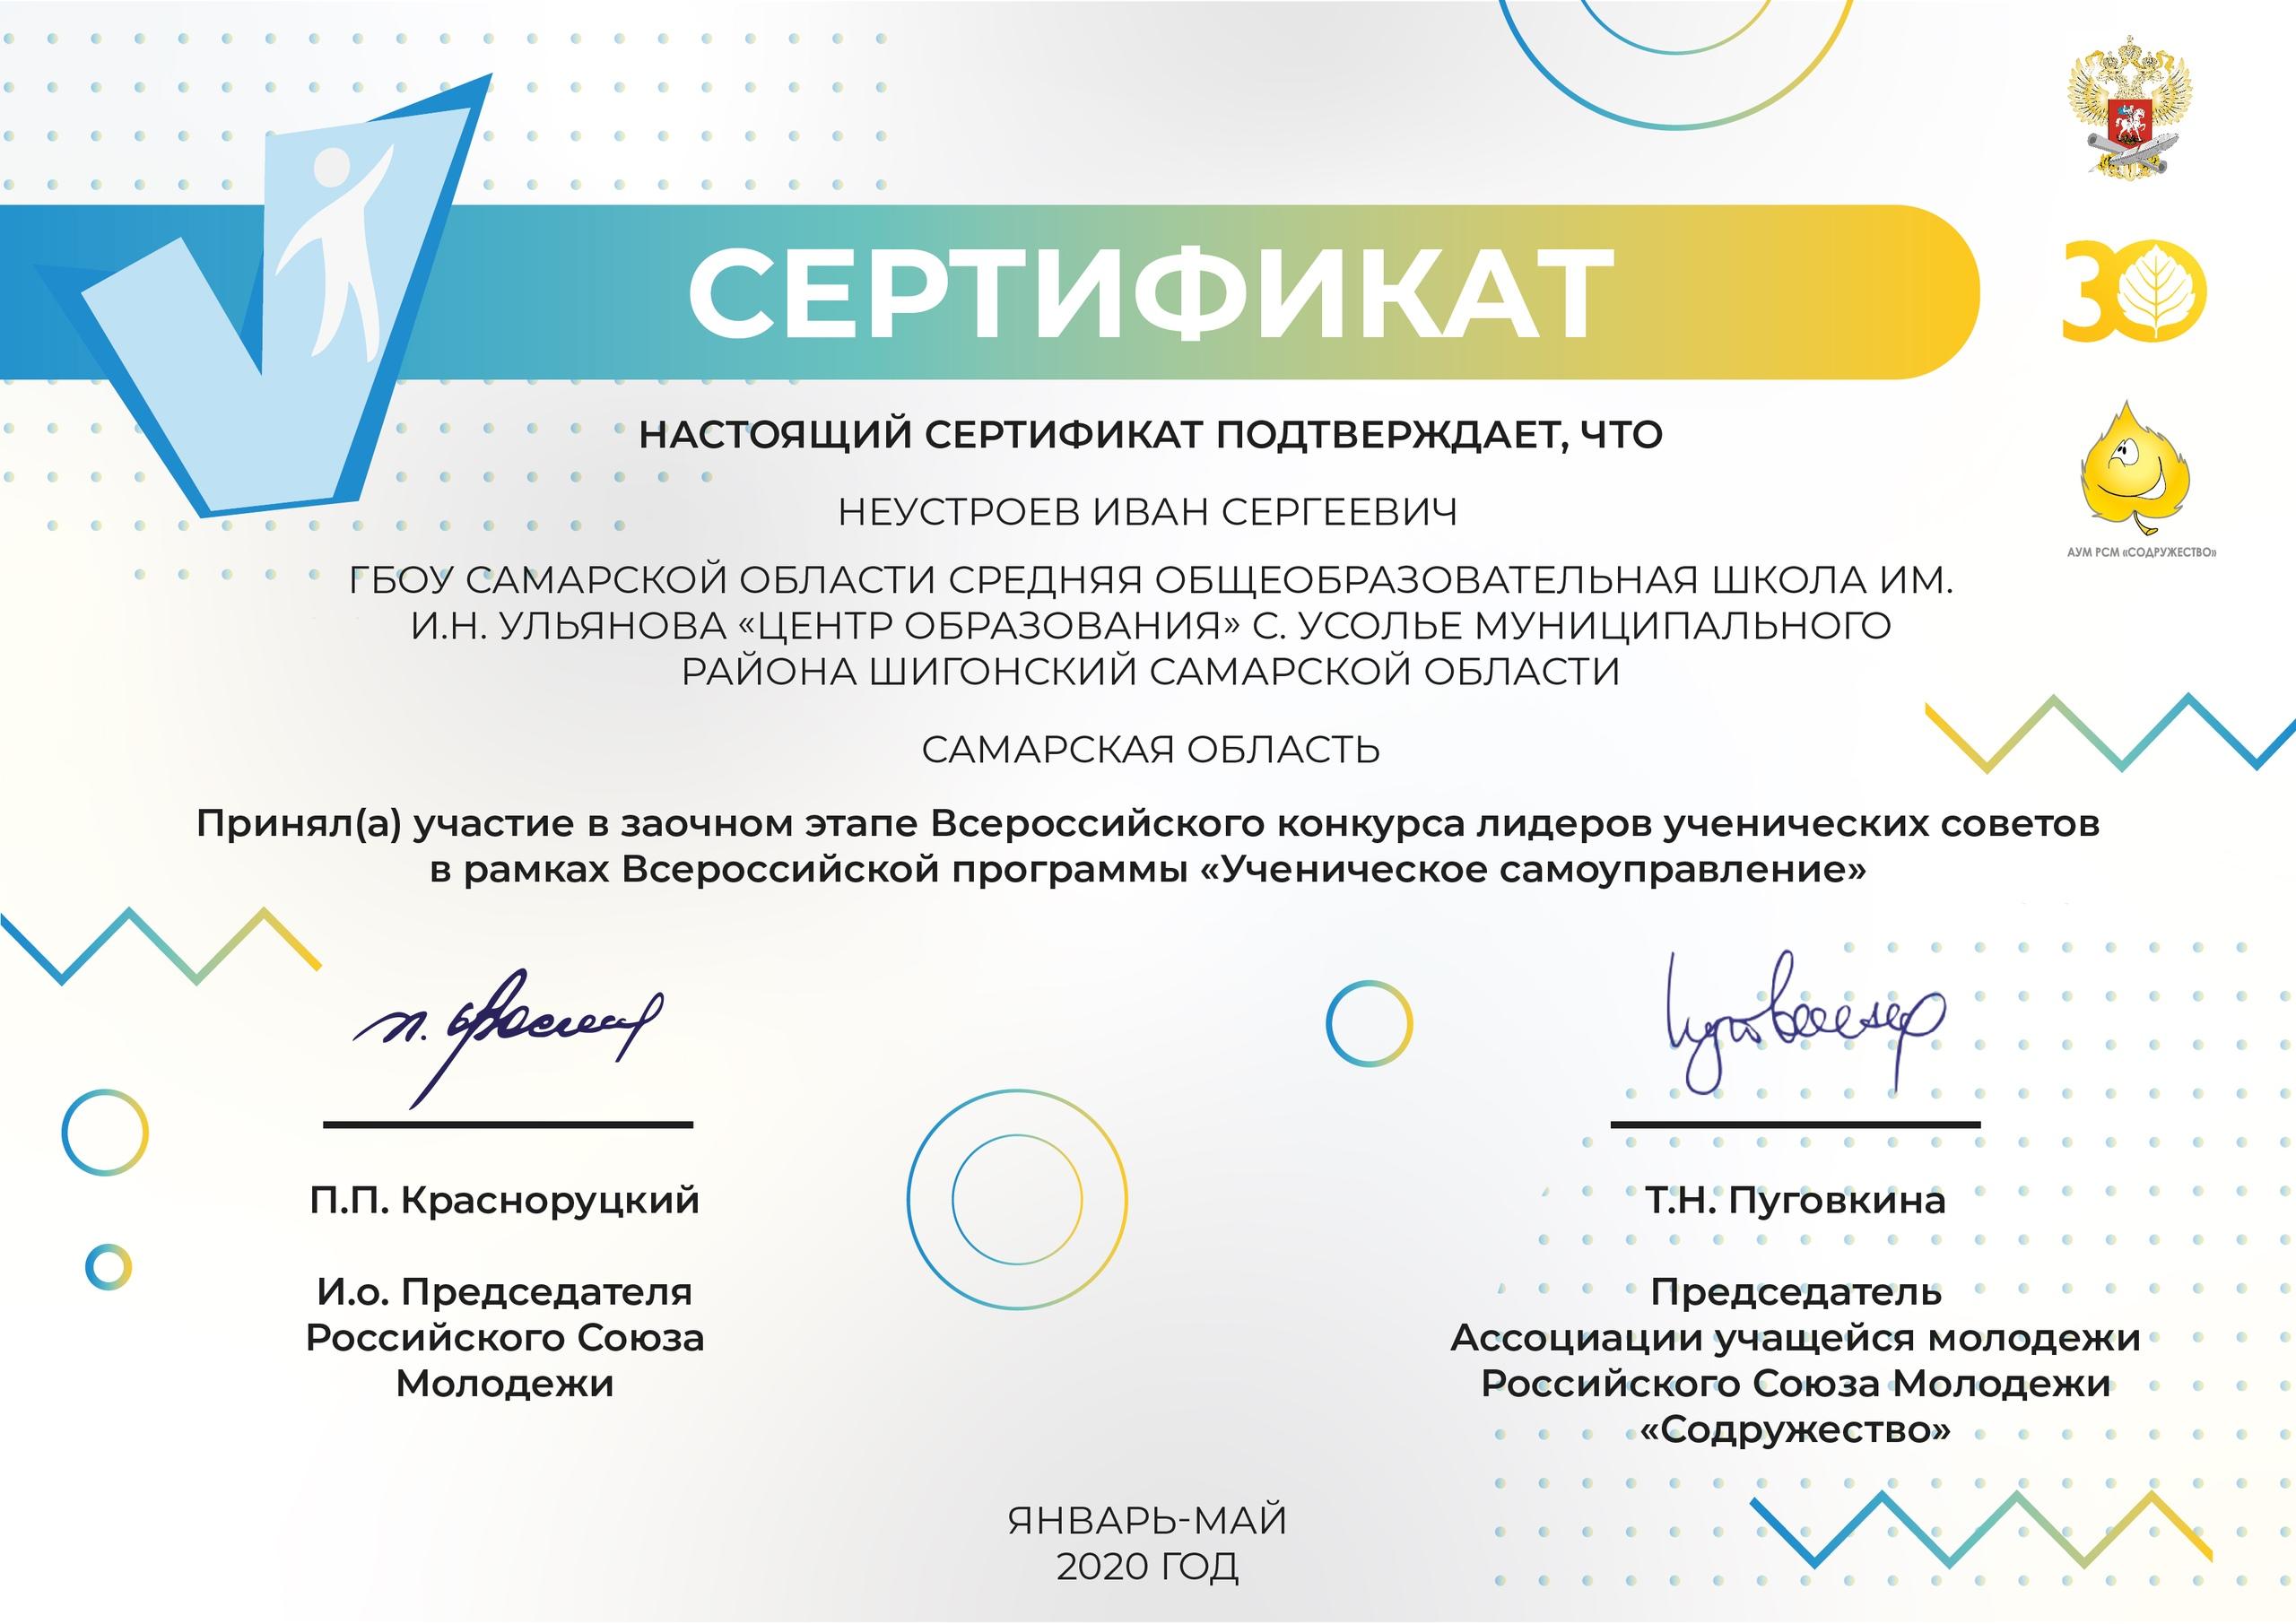 Сертификат Ученическое самоуправление Неустроев Иван Сергеевич